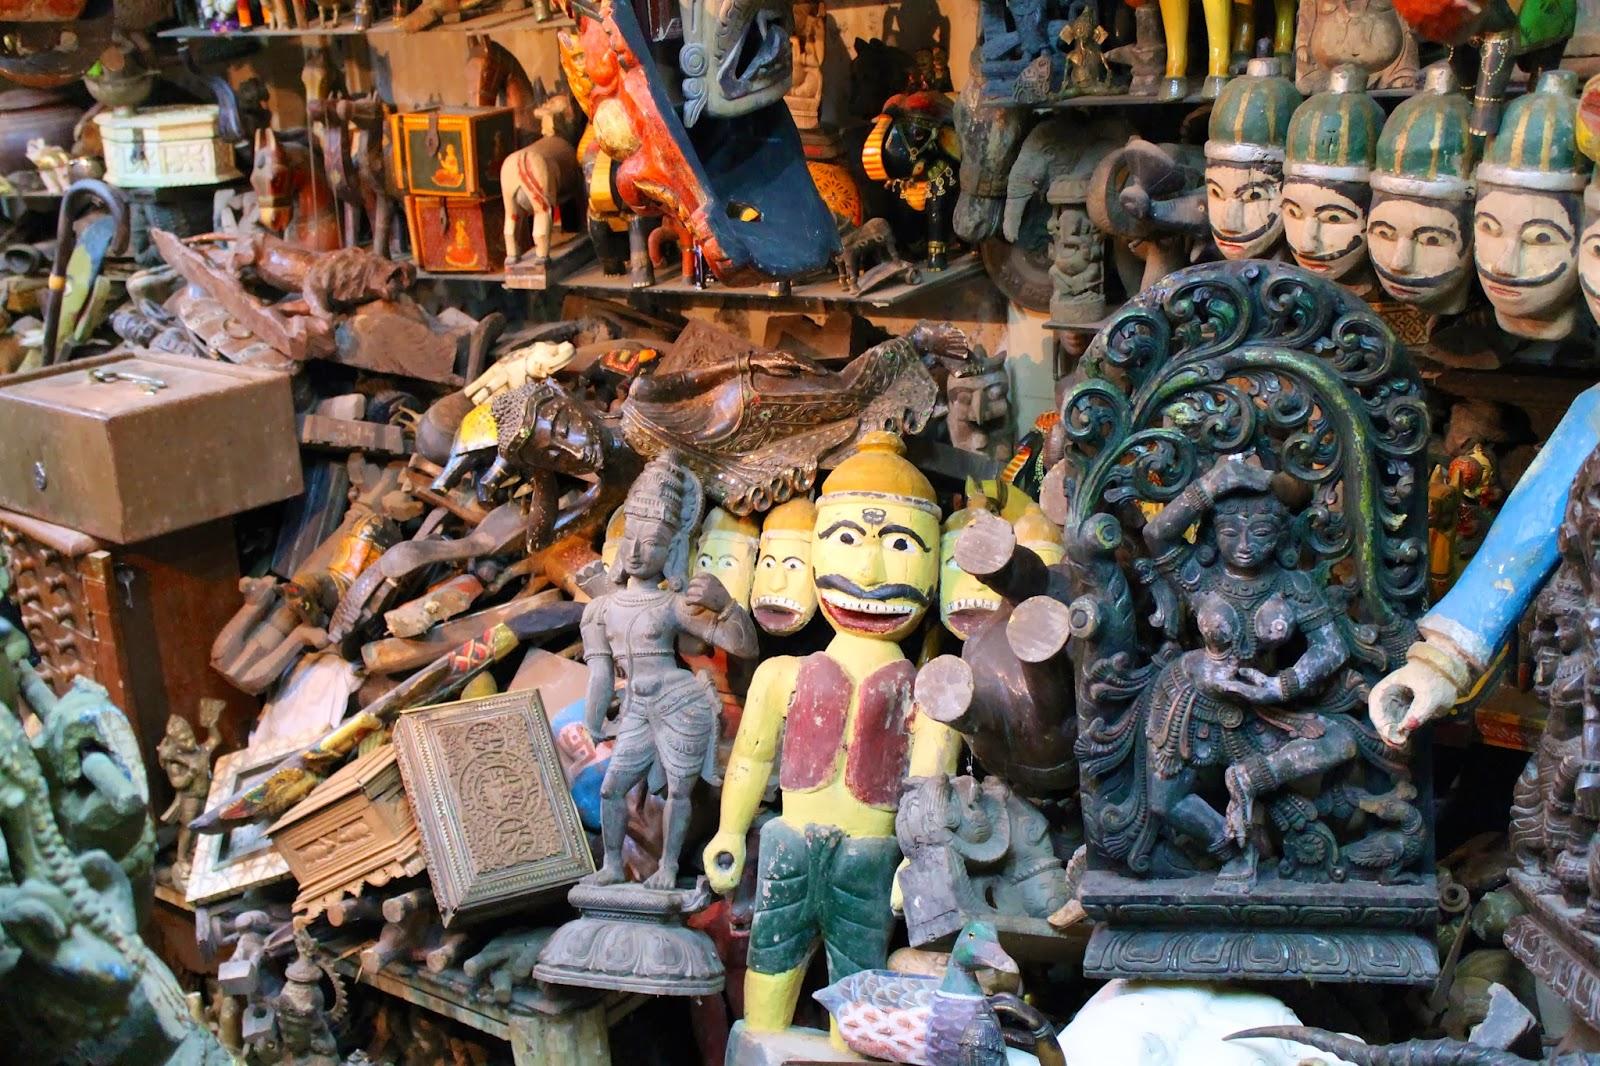 chor bazaar - photo #29